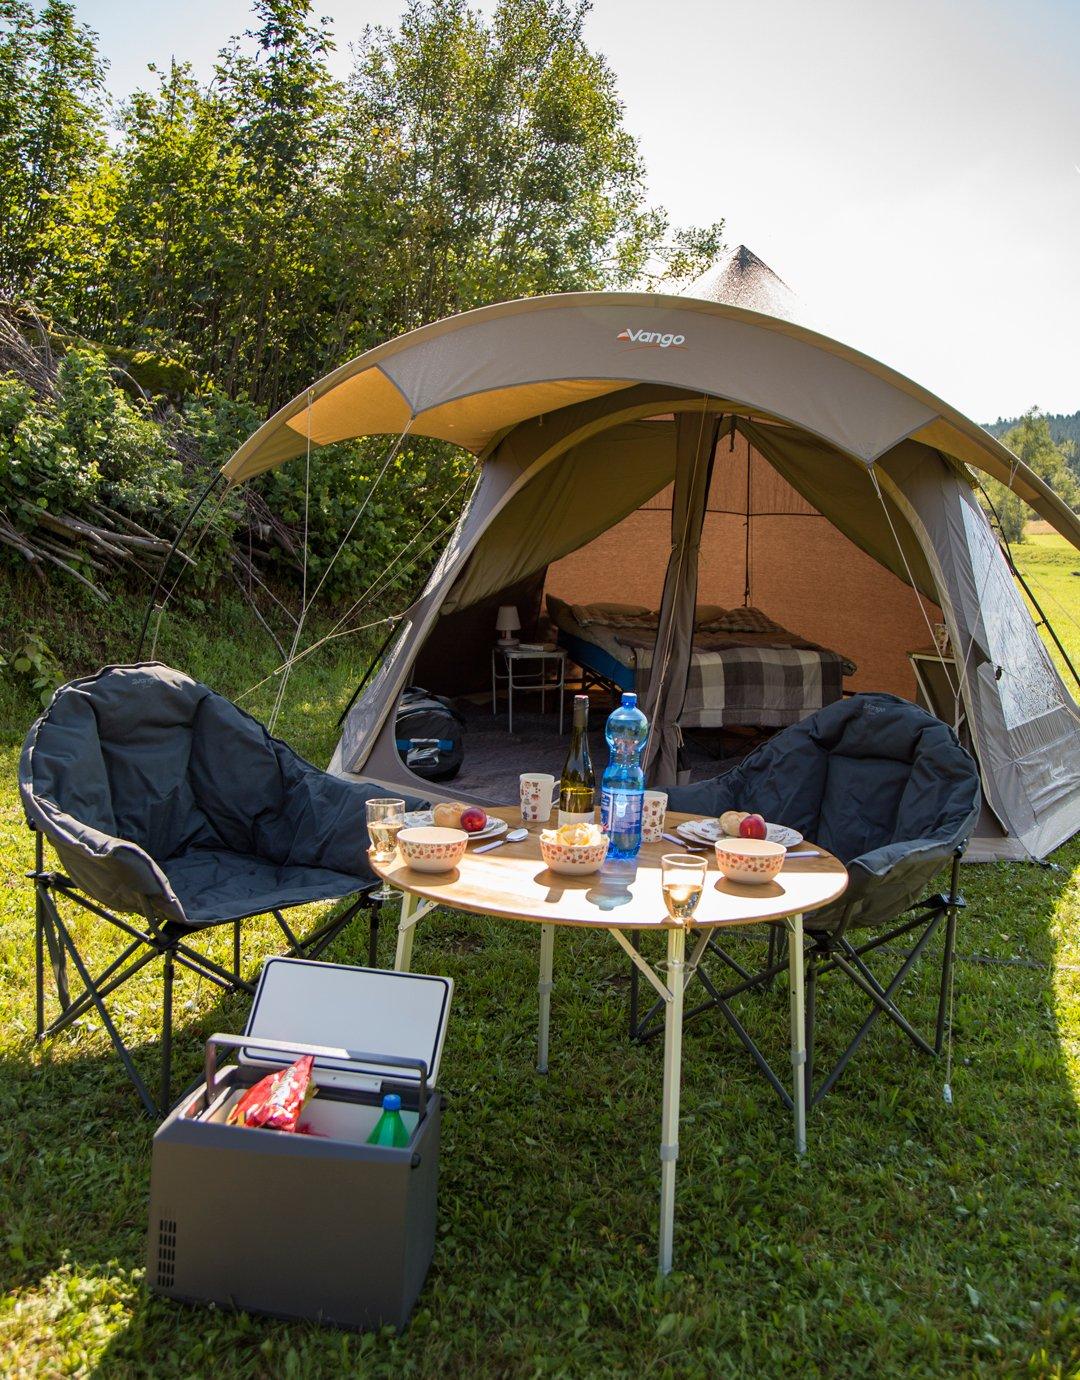 71661-Vango-Rosewood-500-Tent8.jpg